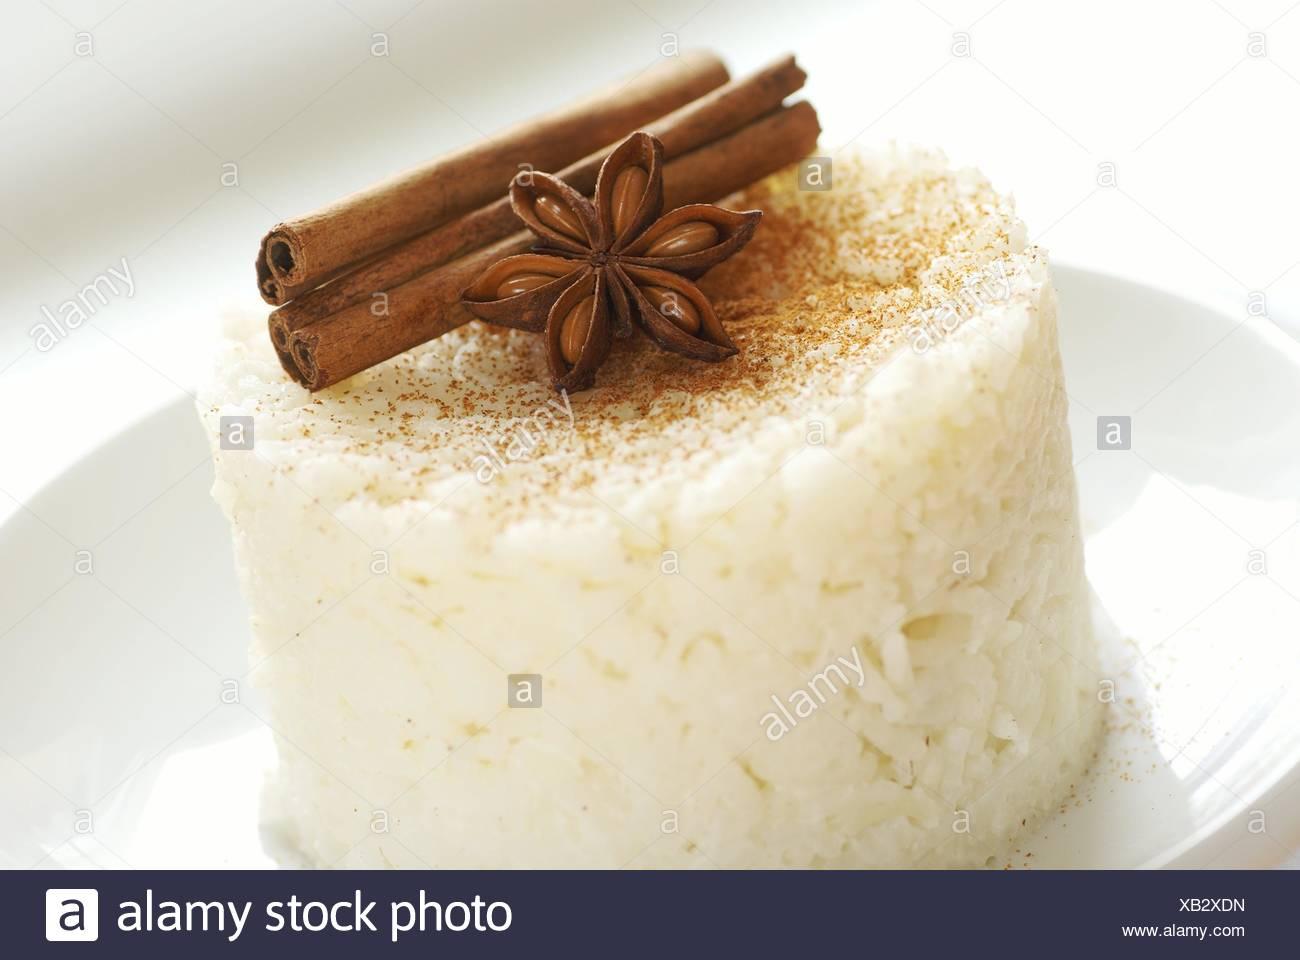 Pudín de arroz dulce con canela en la placa blanca. Imagen De Stock